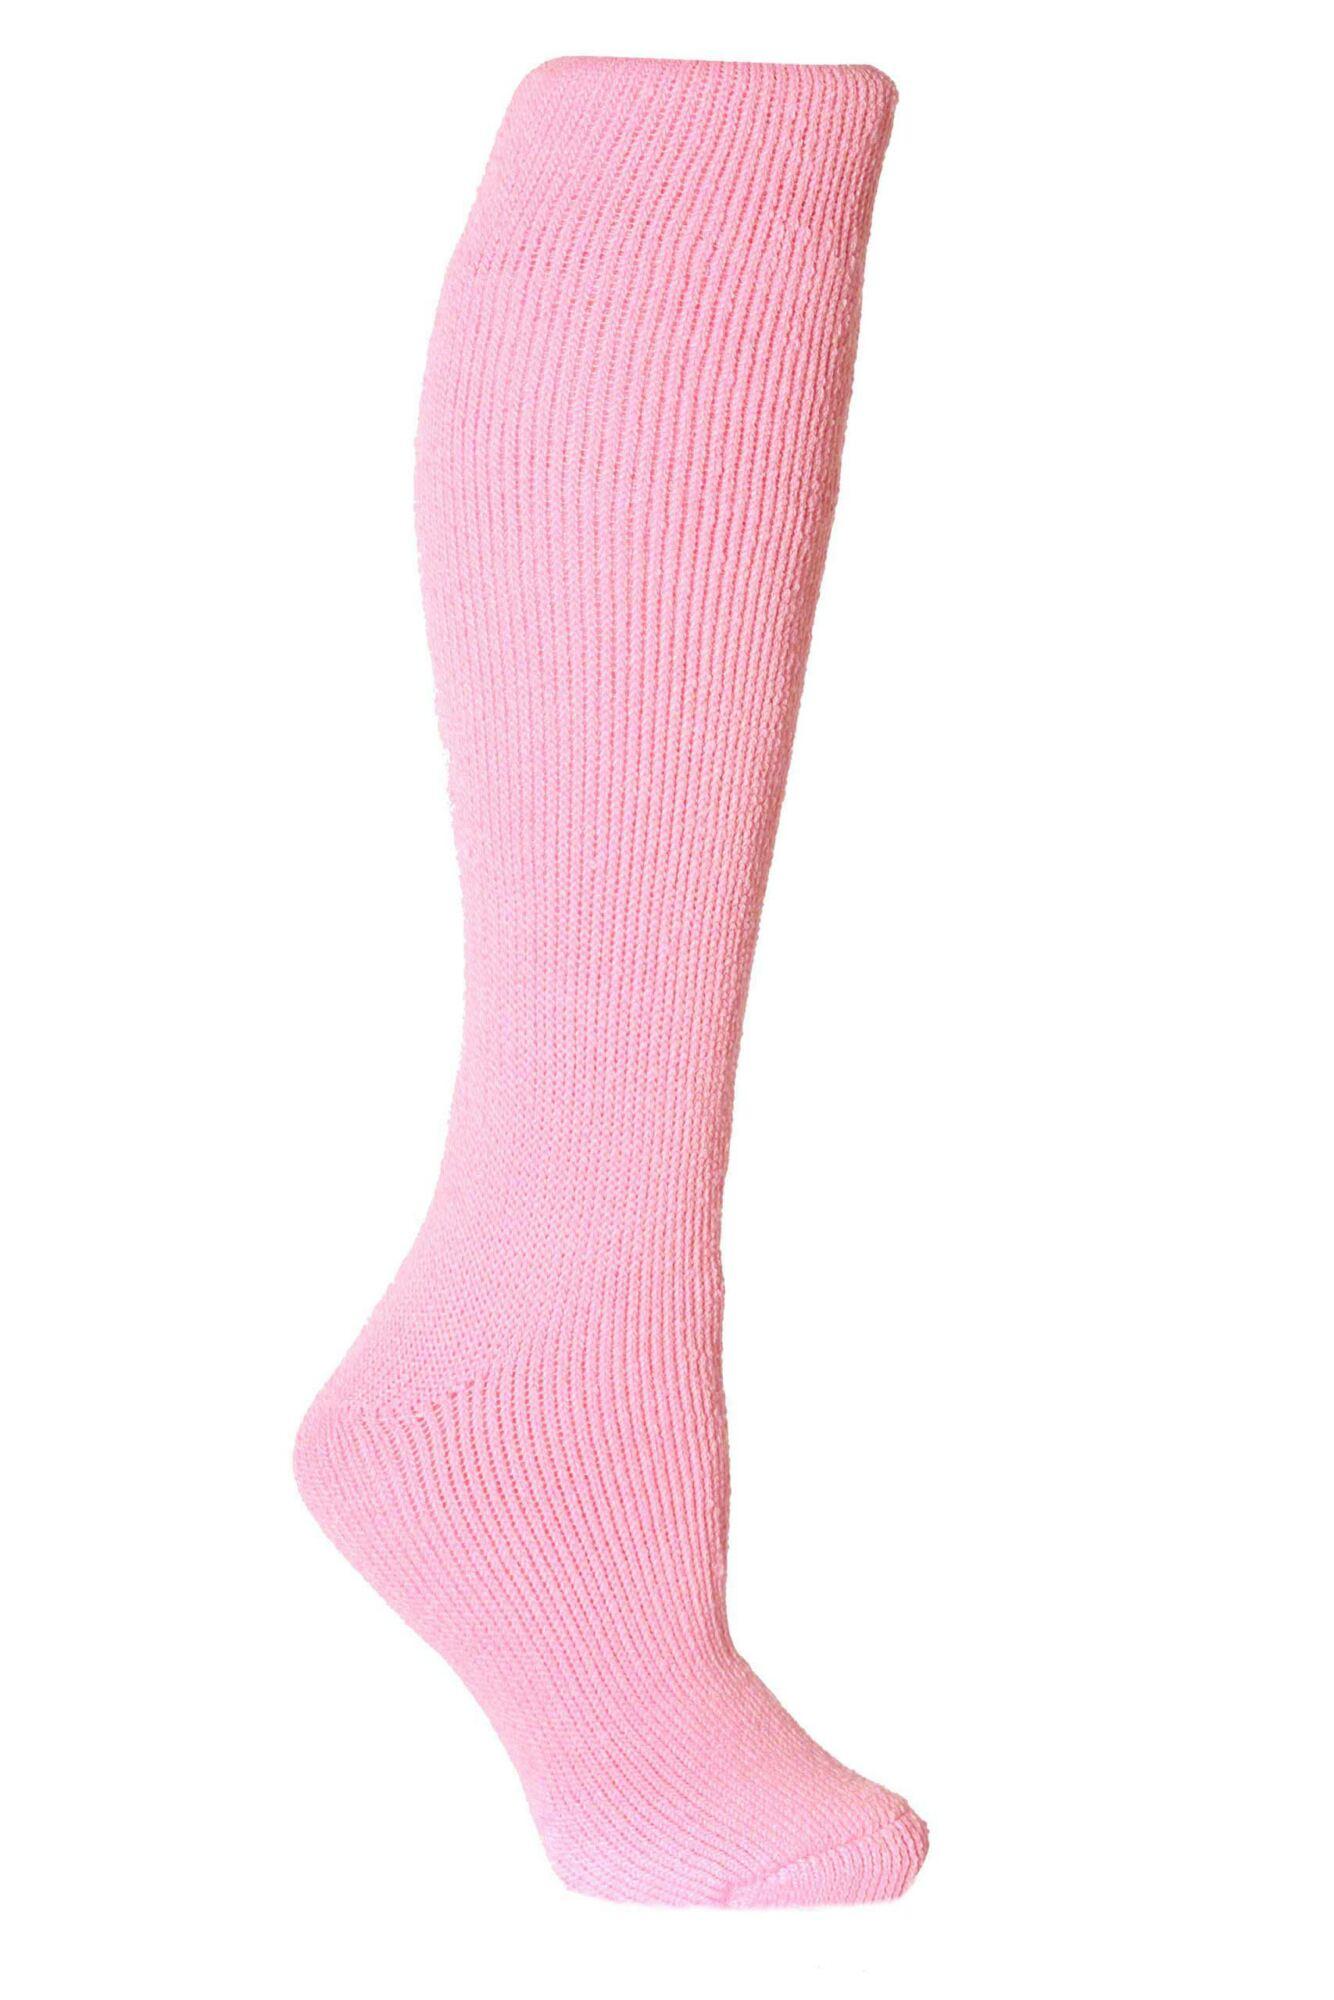 1 Pair Long Thermal Socks Ladies - Heat Holders